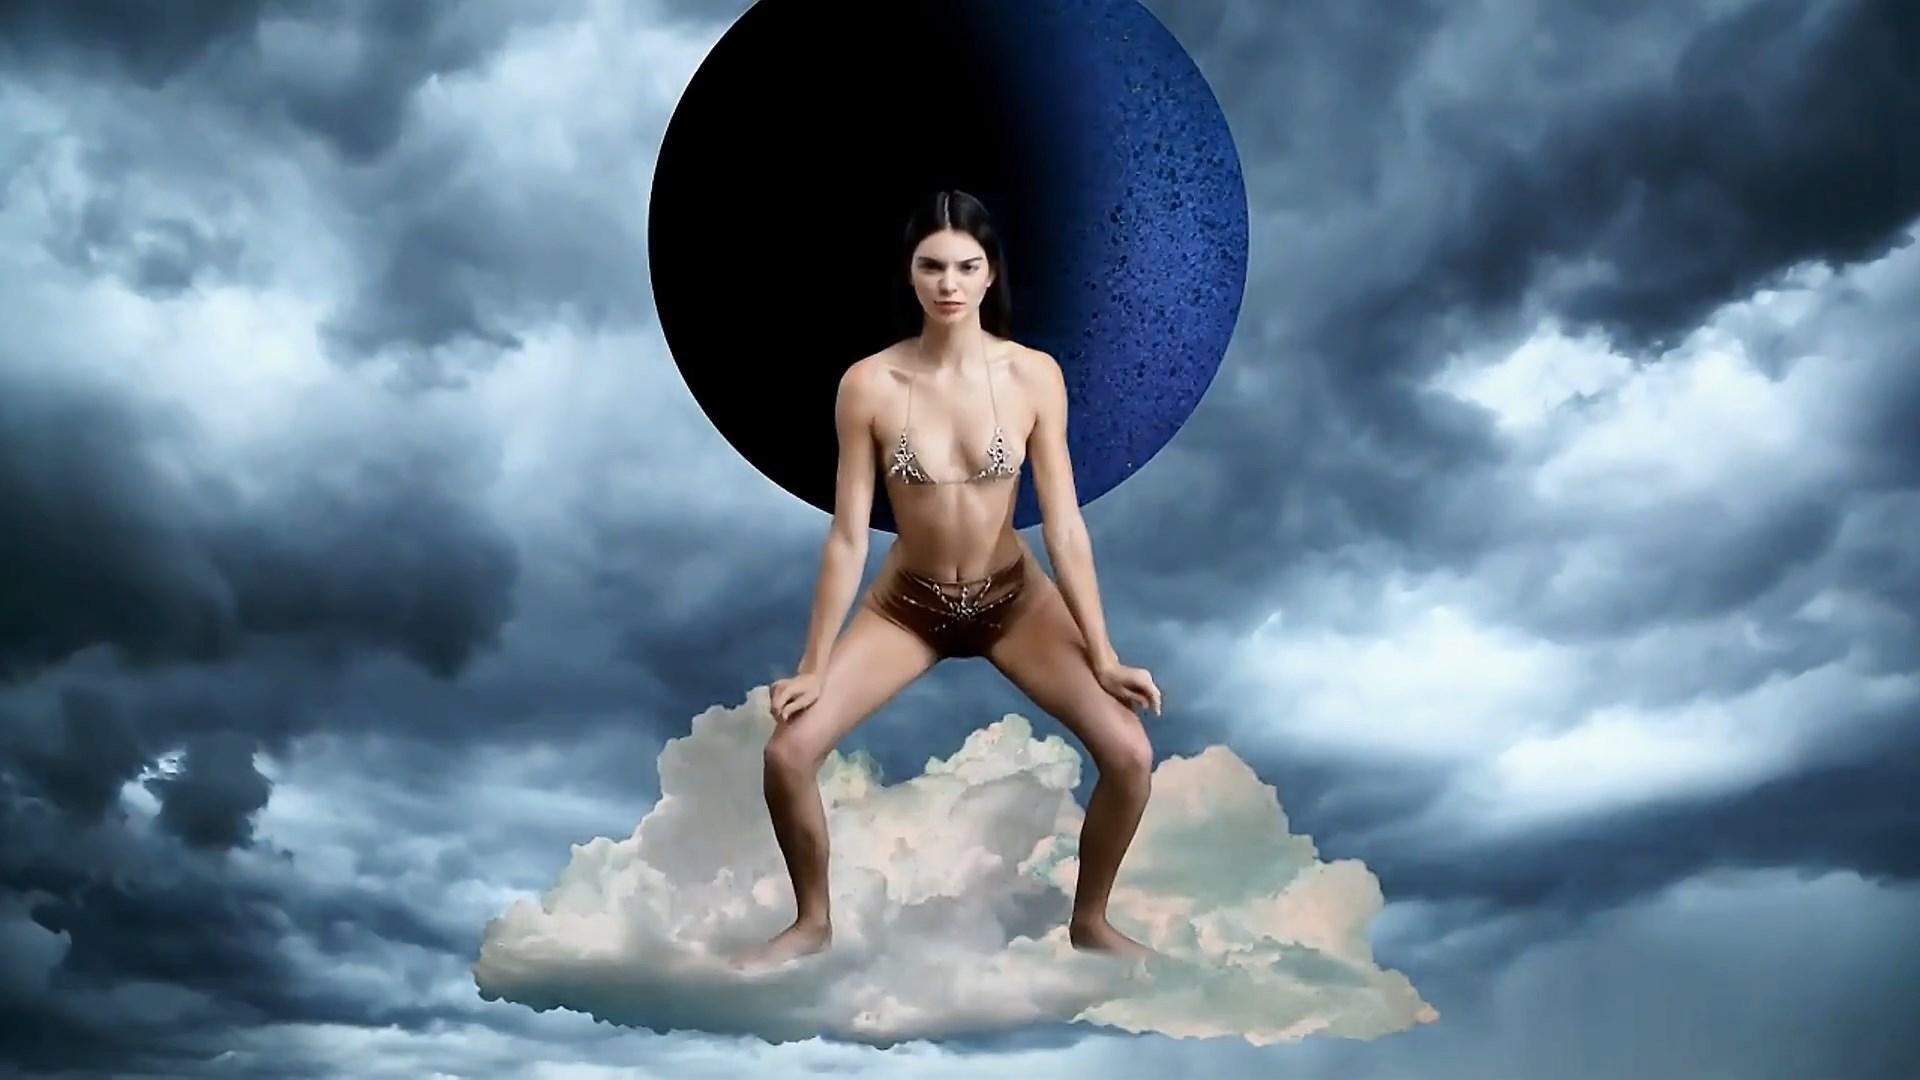 Kendall Jenner fappening leak